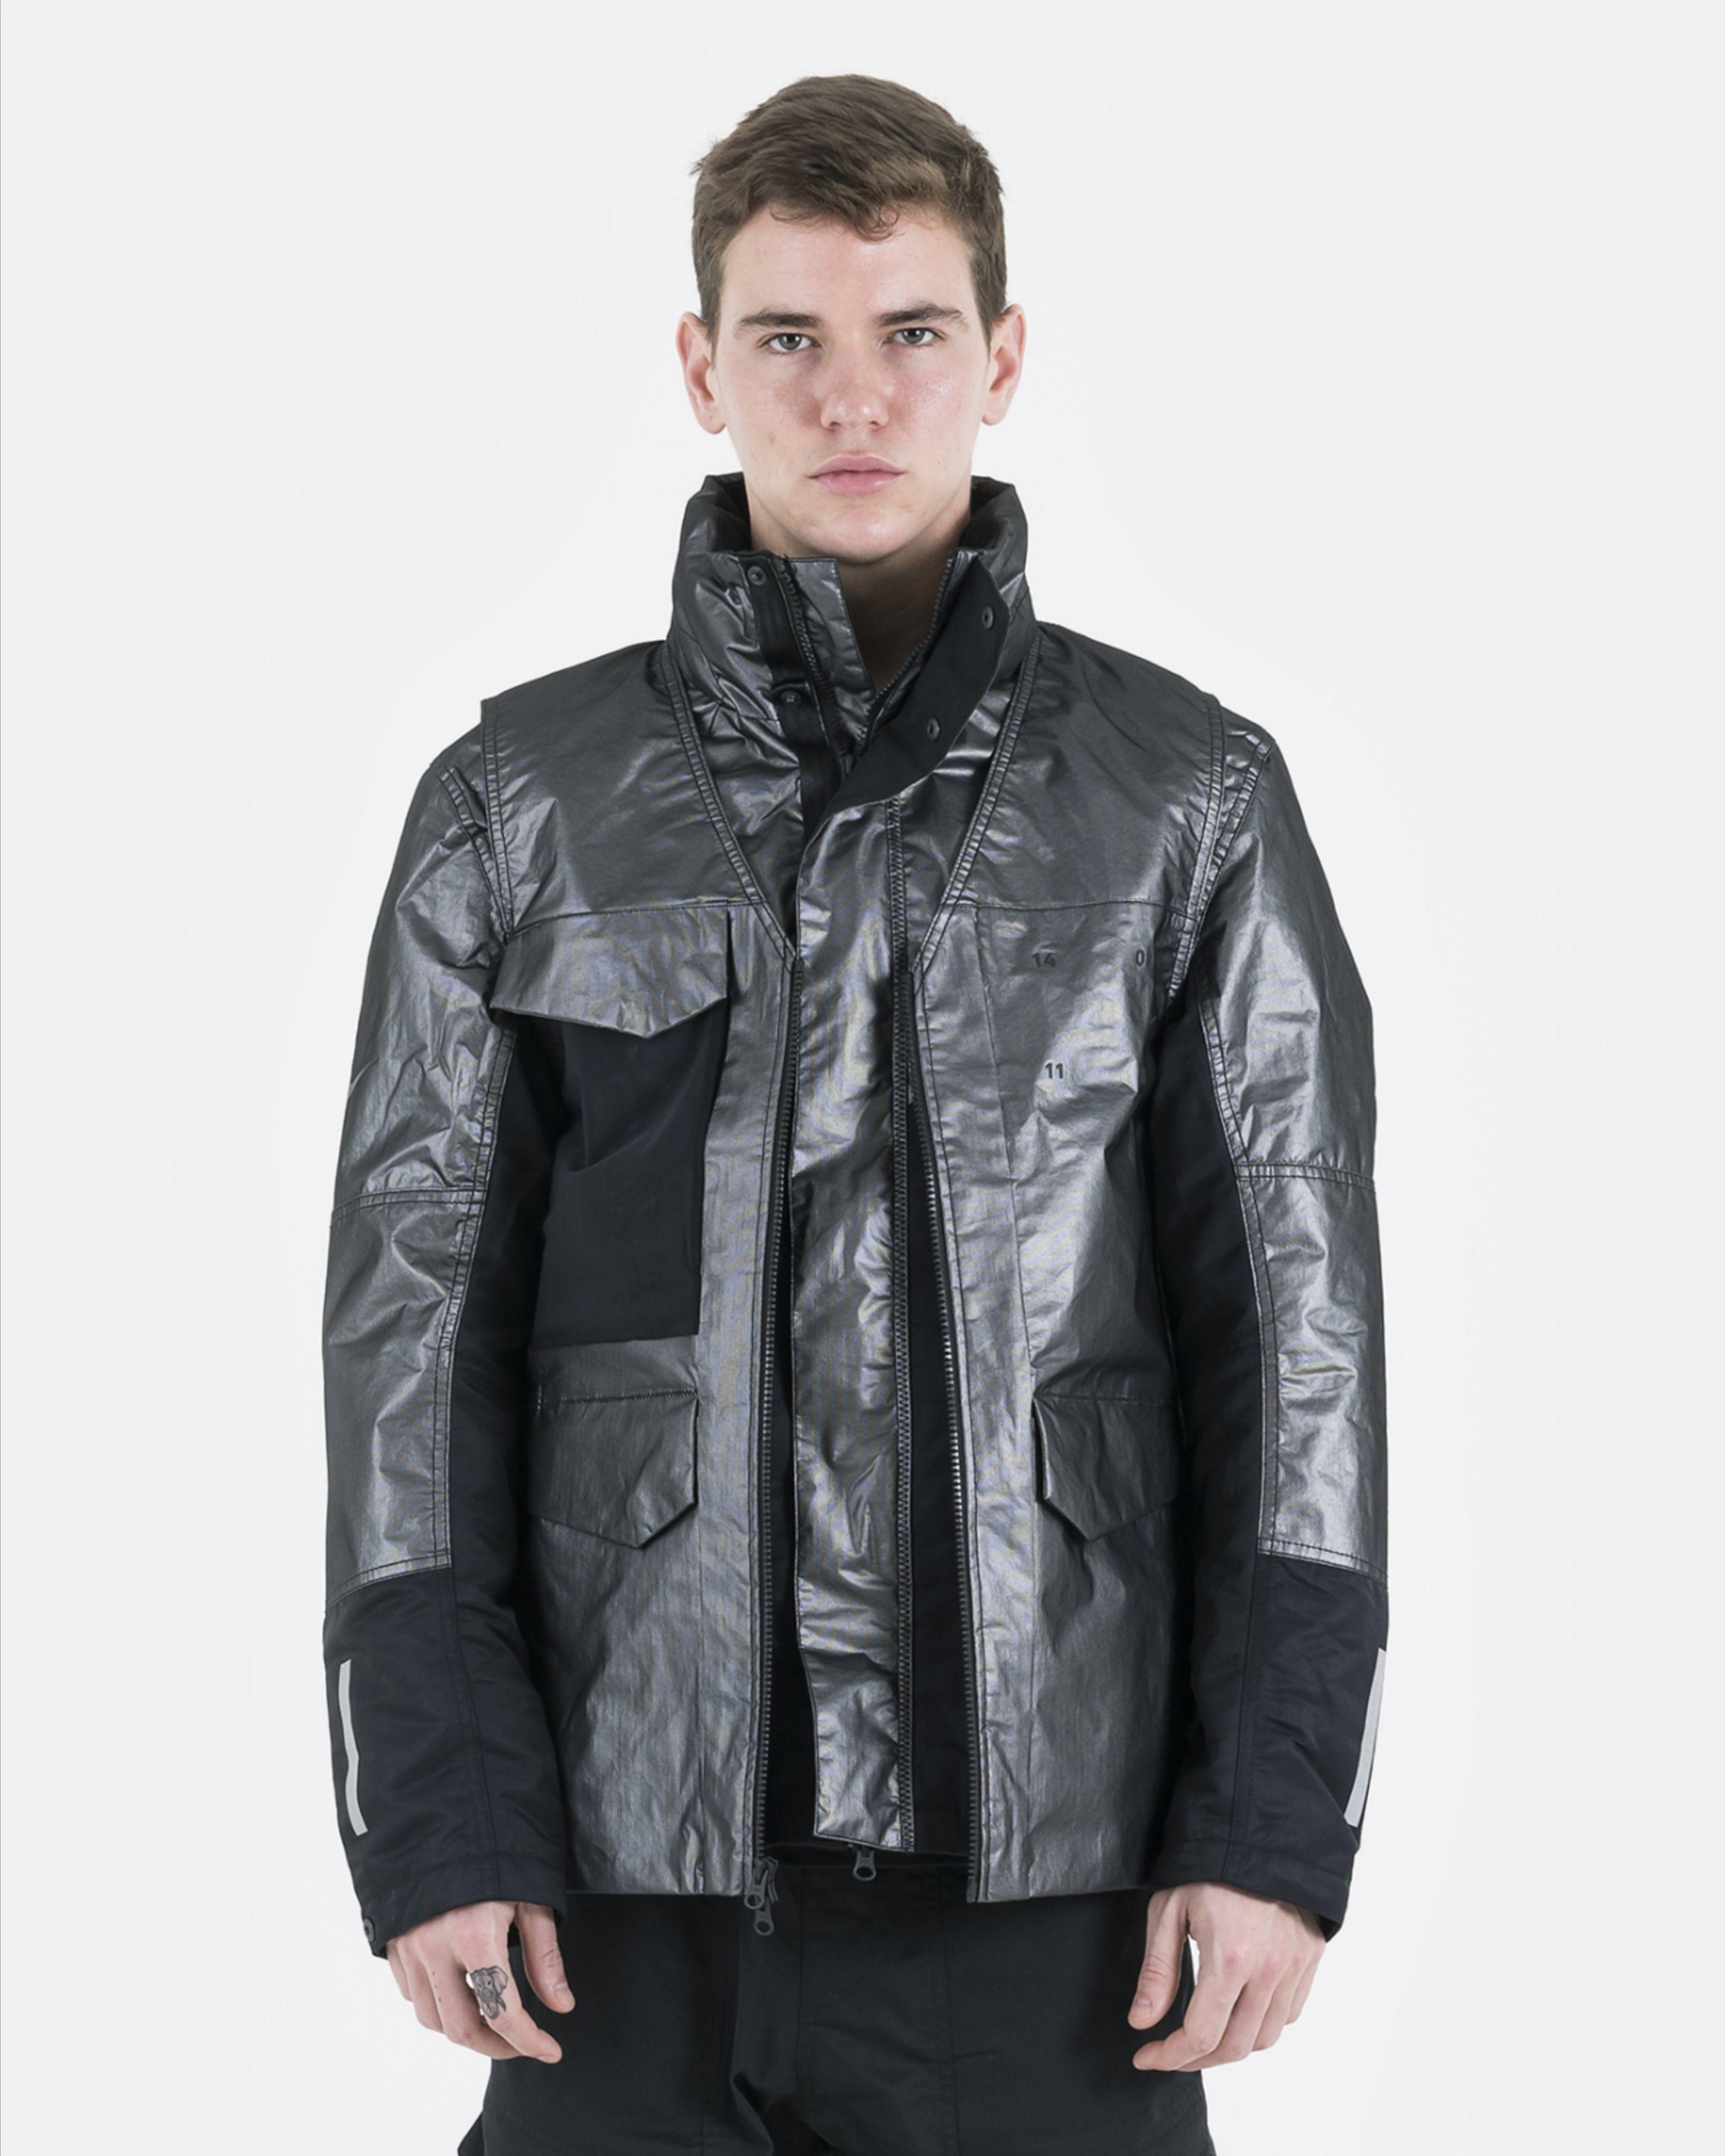 Nike Nsw 3 In 1 Tech Pack Jacket In Metallic Silver In 2020 Jackets Versatile Fashion Metallic Silver And Black